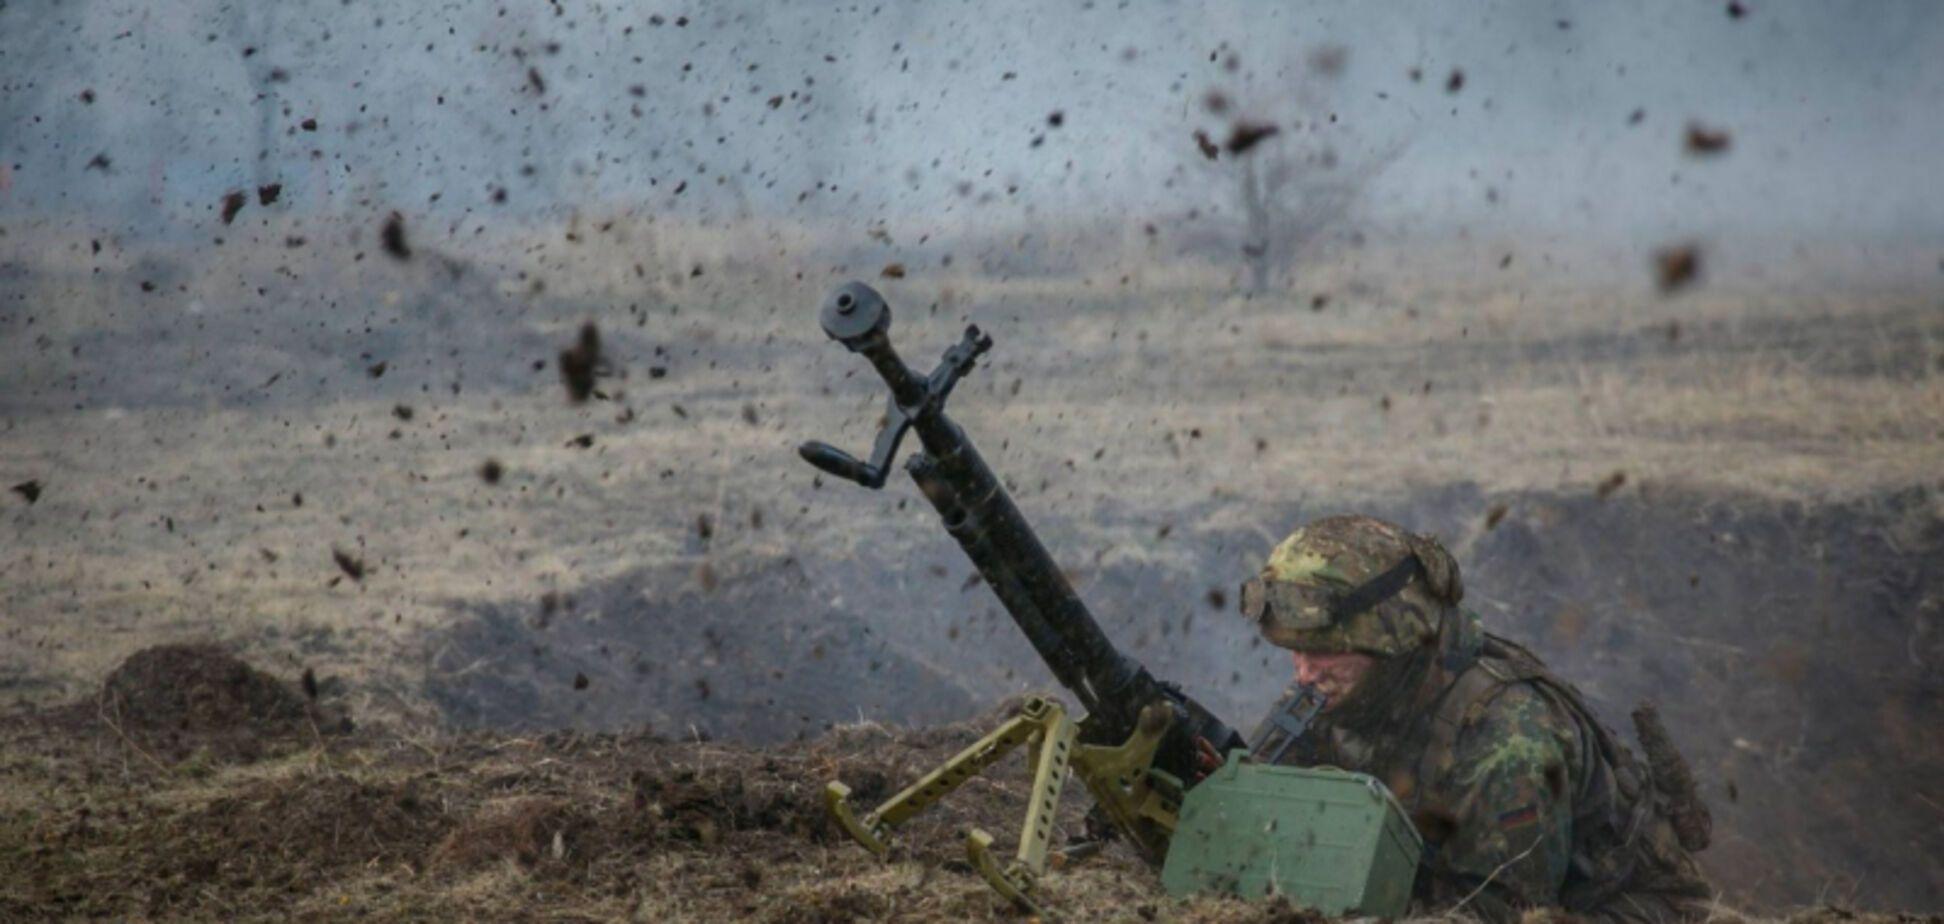 Терористи атакували ЗСУ: обидві сторони зазнали втрат